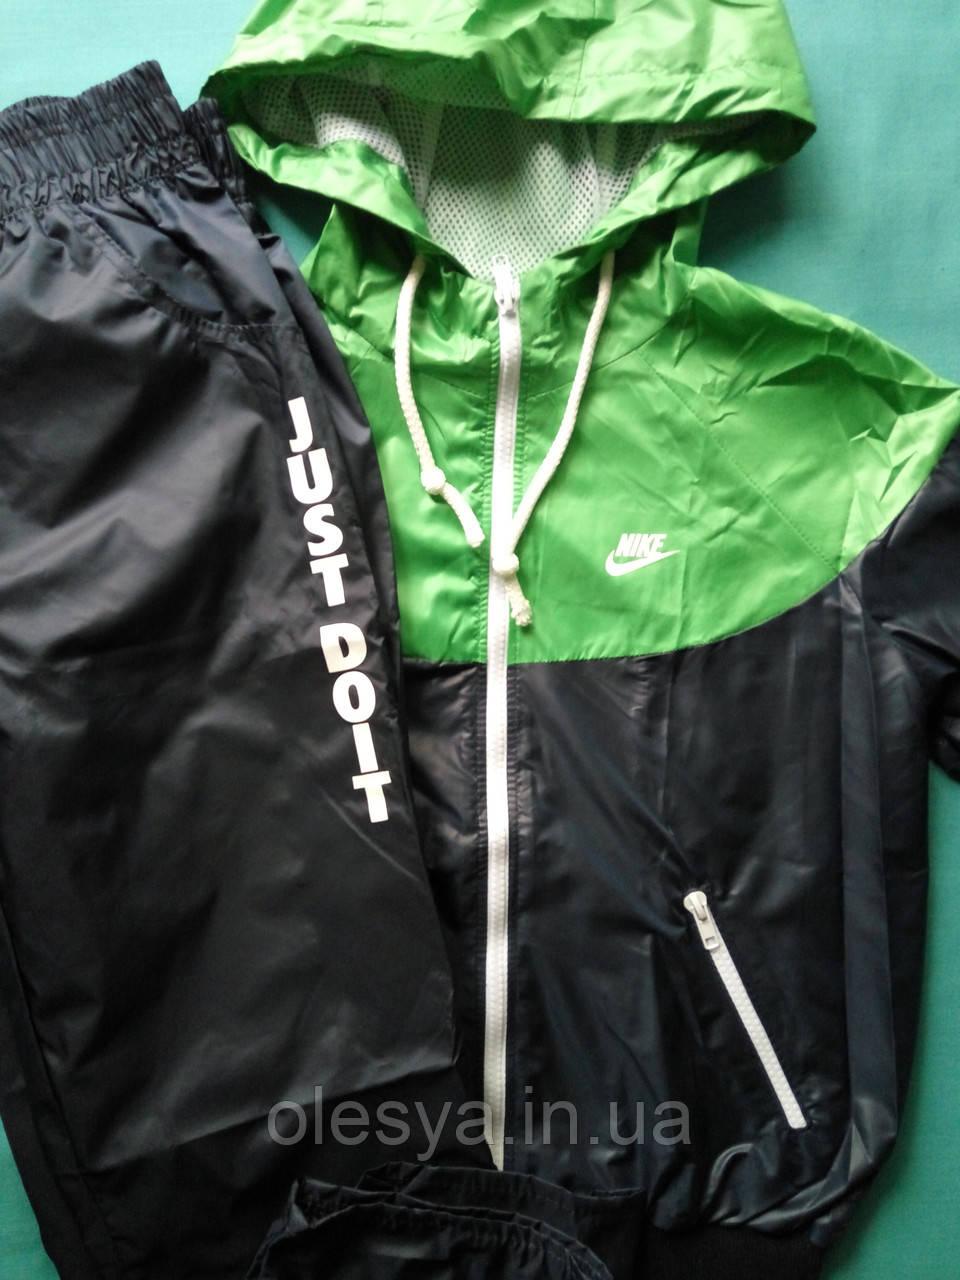 Детский Спортивный костюм унисекс плащевка на сетке Размер 38 Зеленый